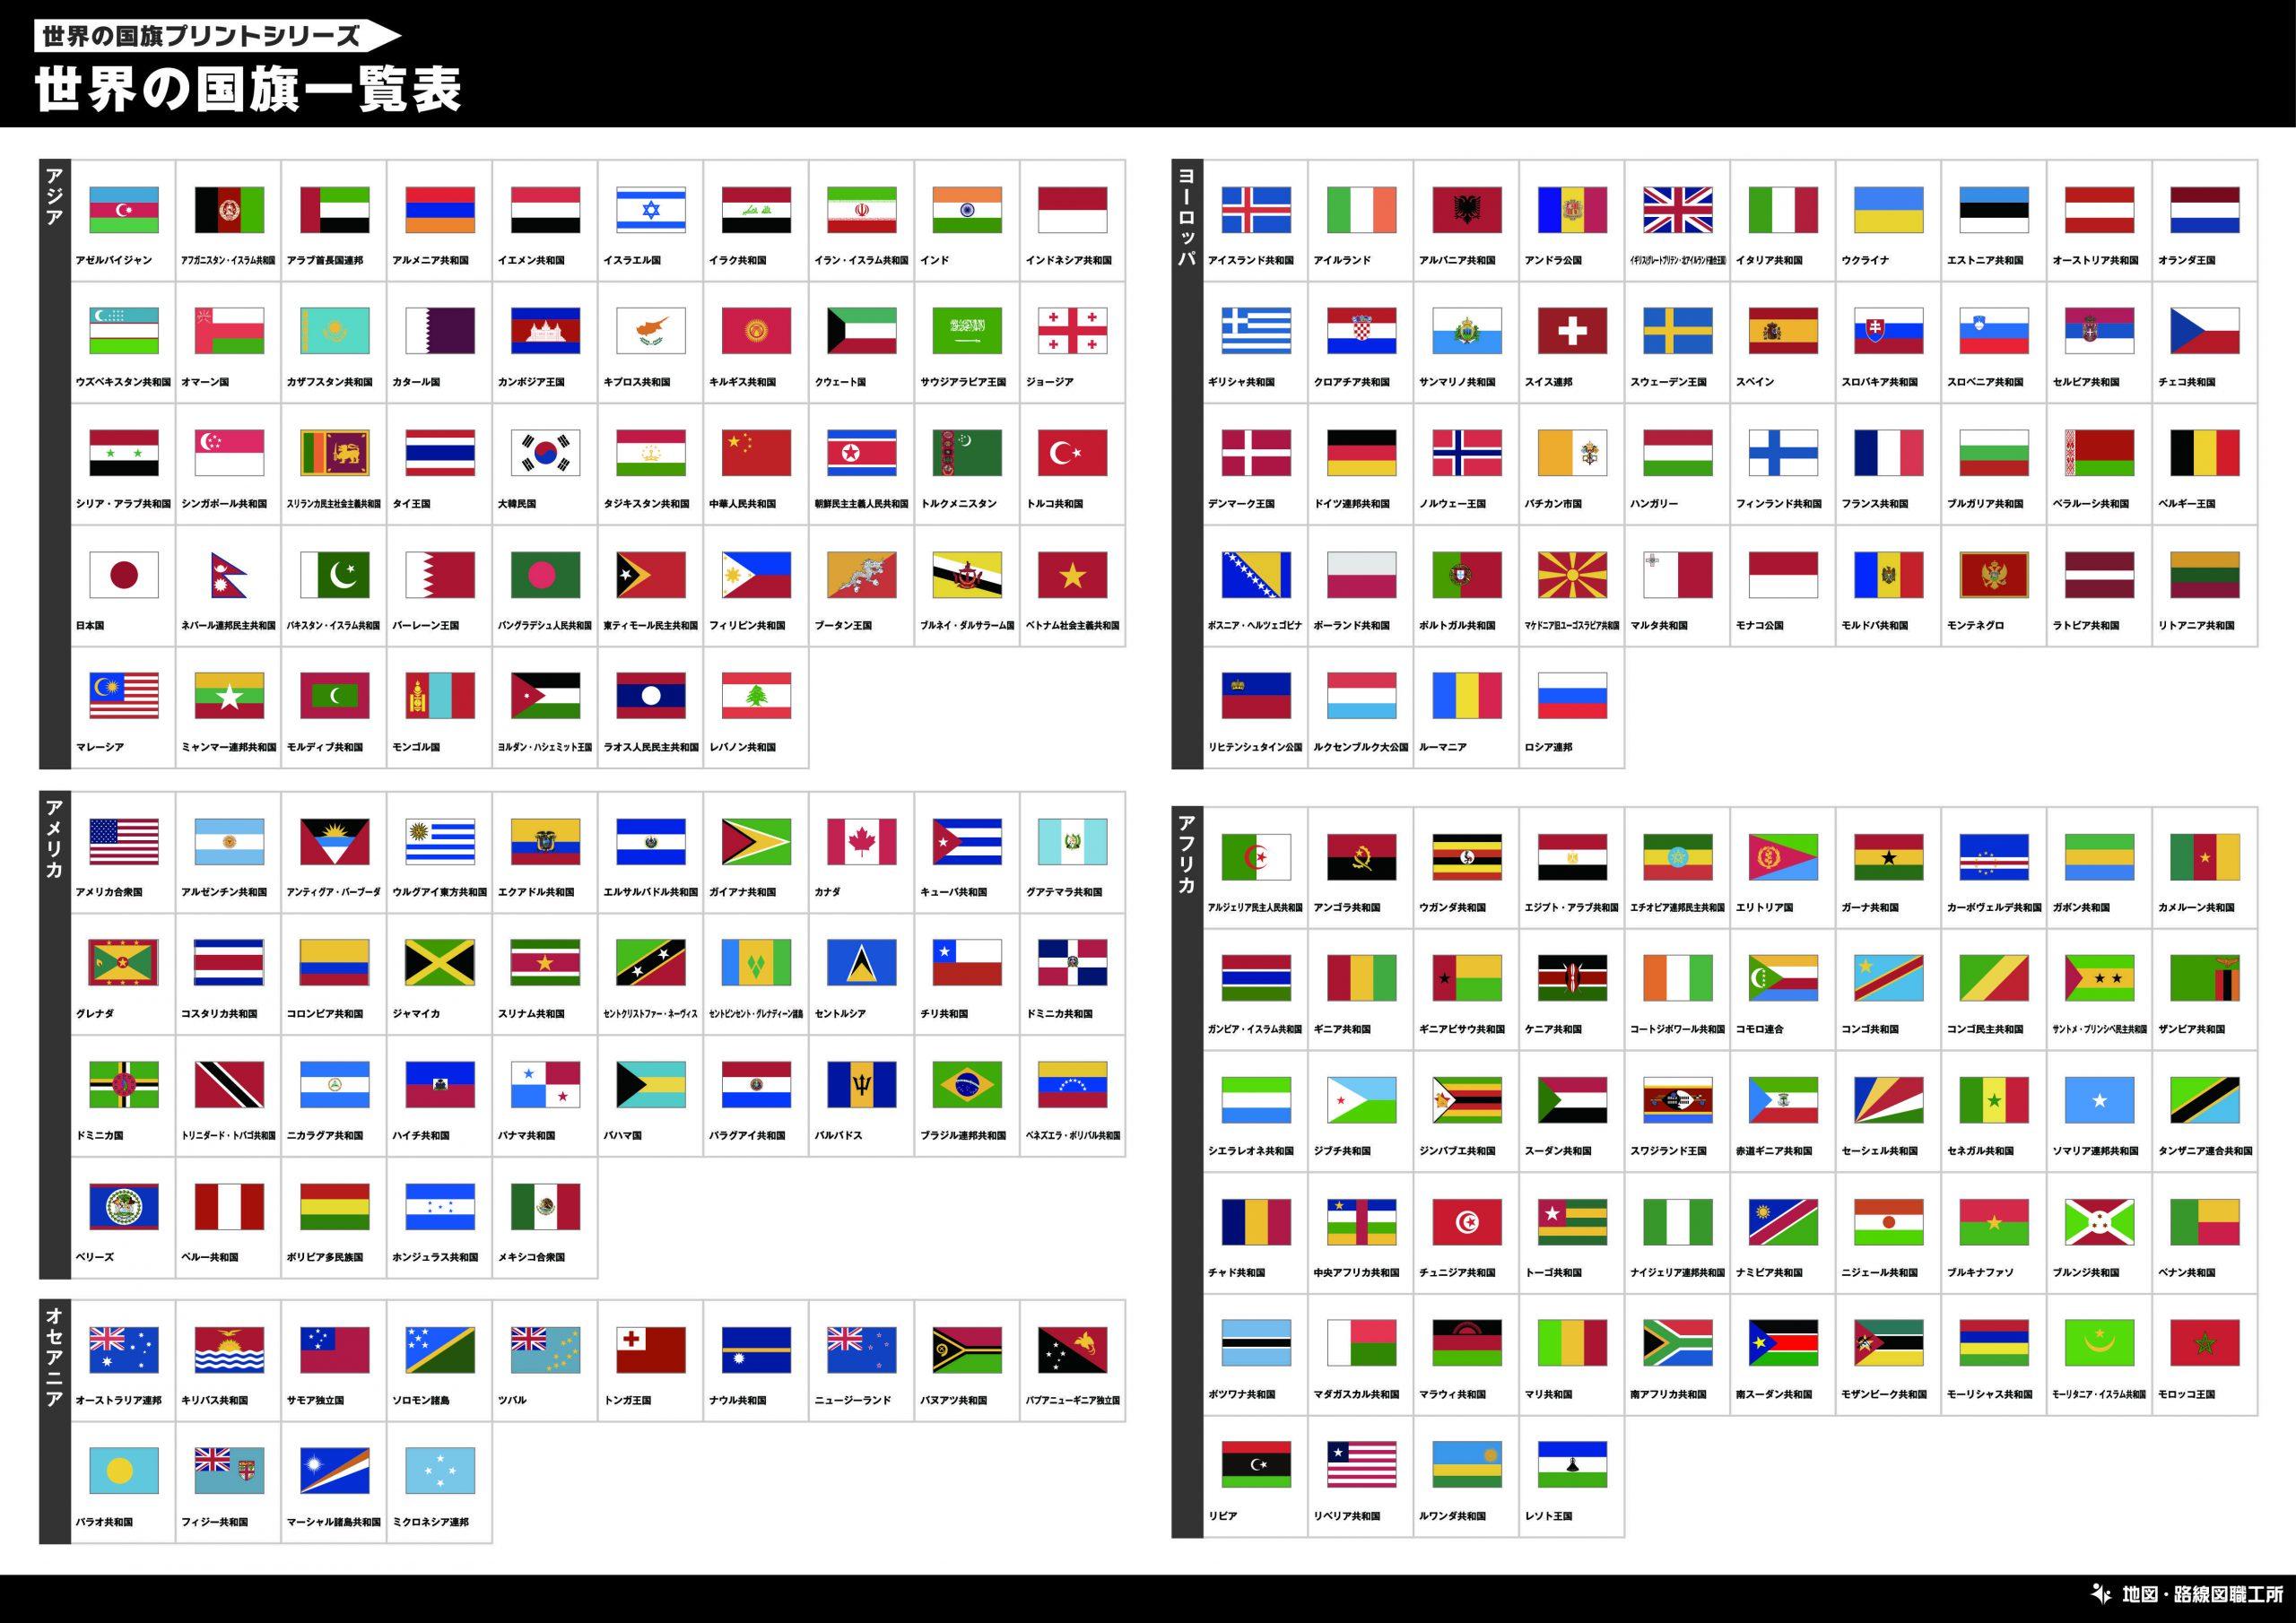 世界の国旗一覧表